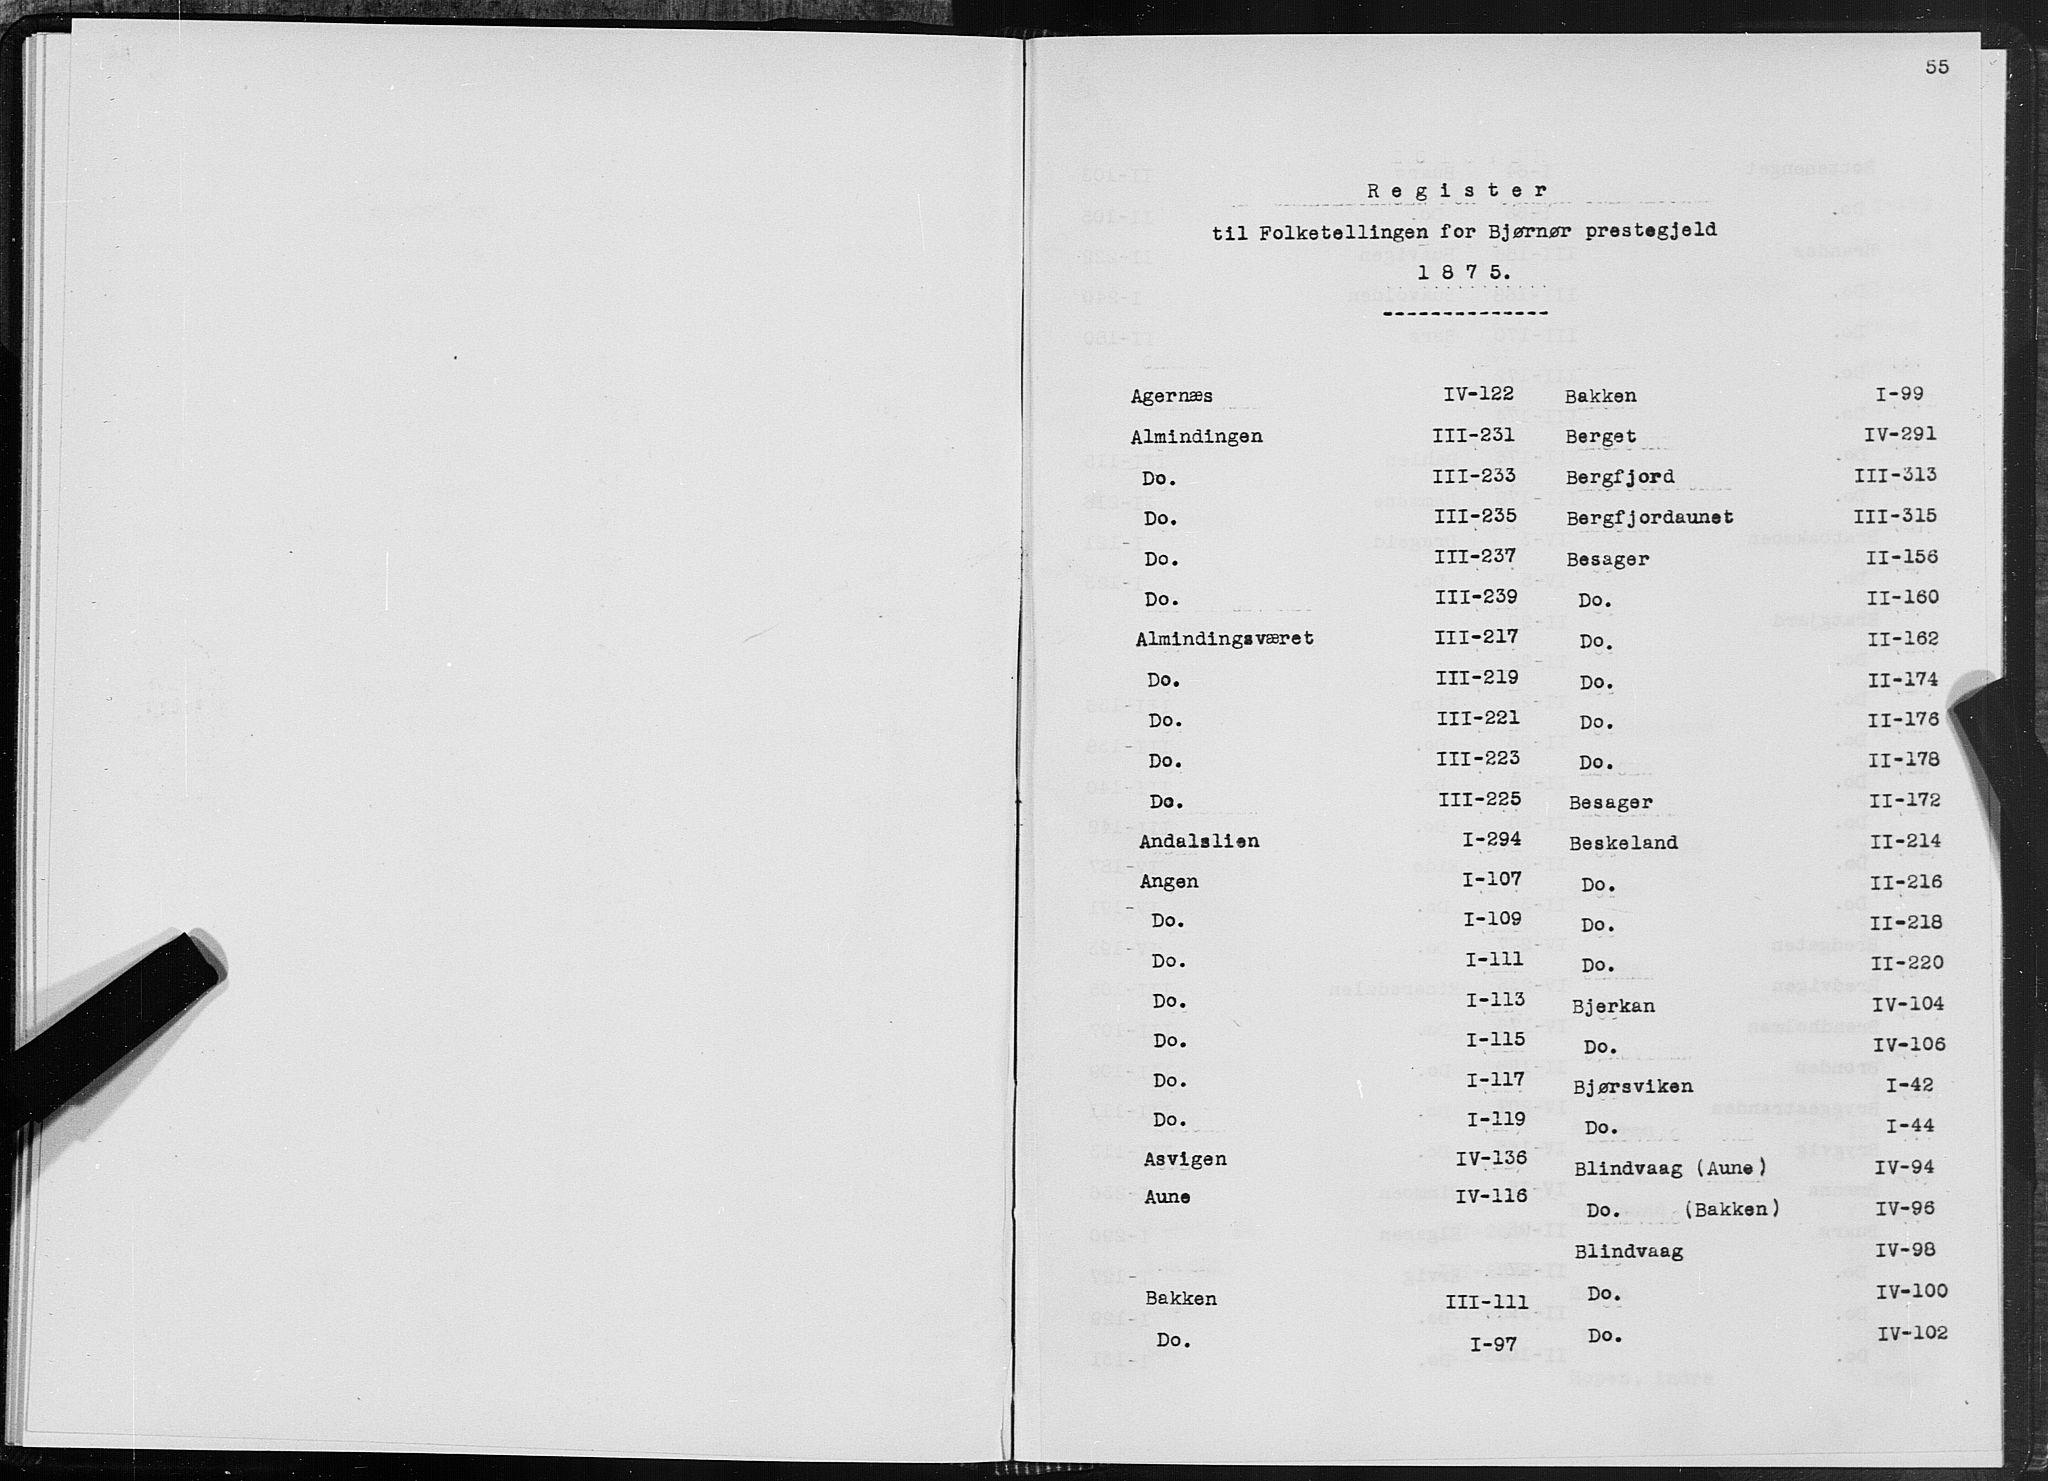 SAT, Folketelling 1875 for 1632P Bjørnør prestegjeld, 1875, s. 55